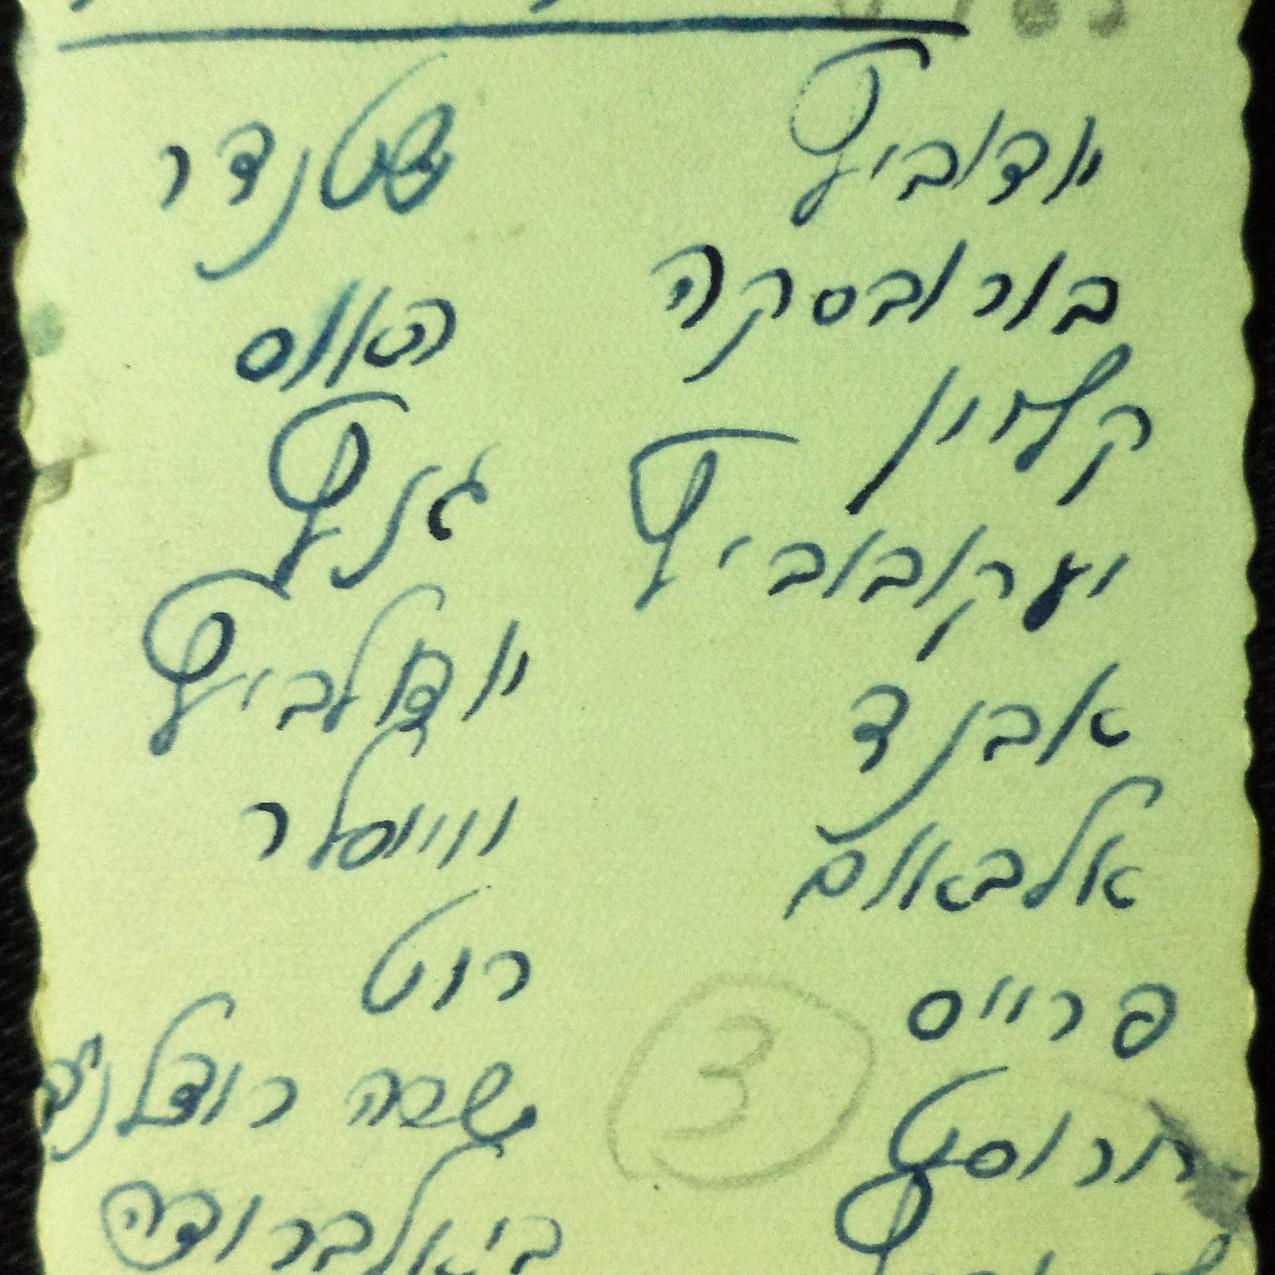 שמות ילדים שרשמה מרגלית בקפריסין